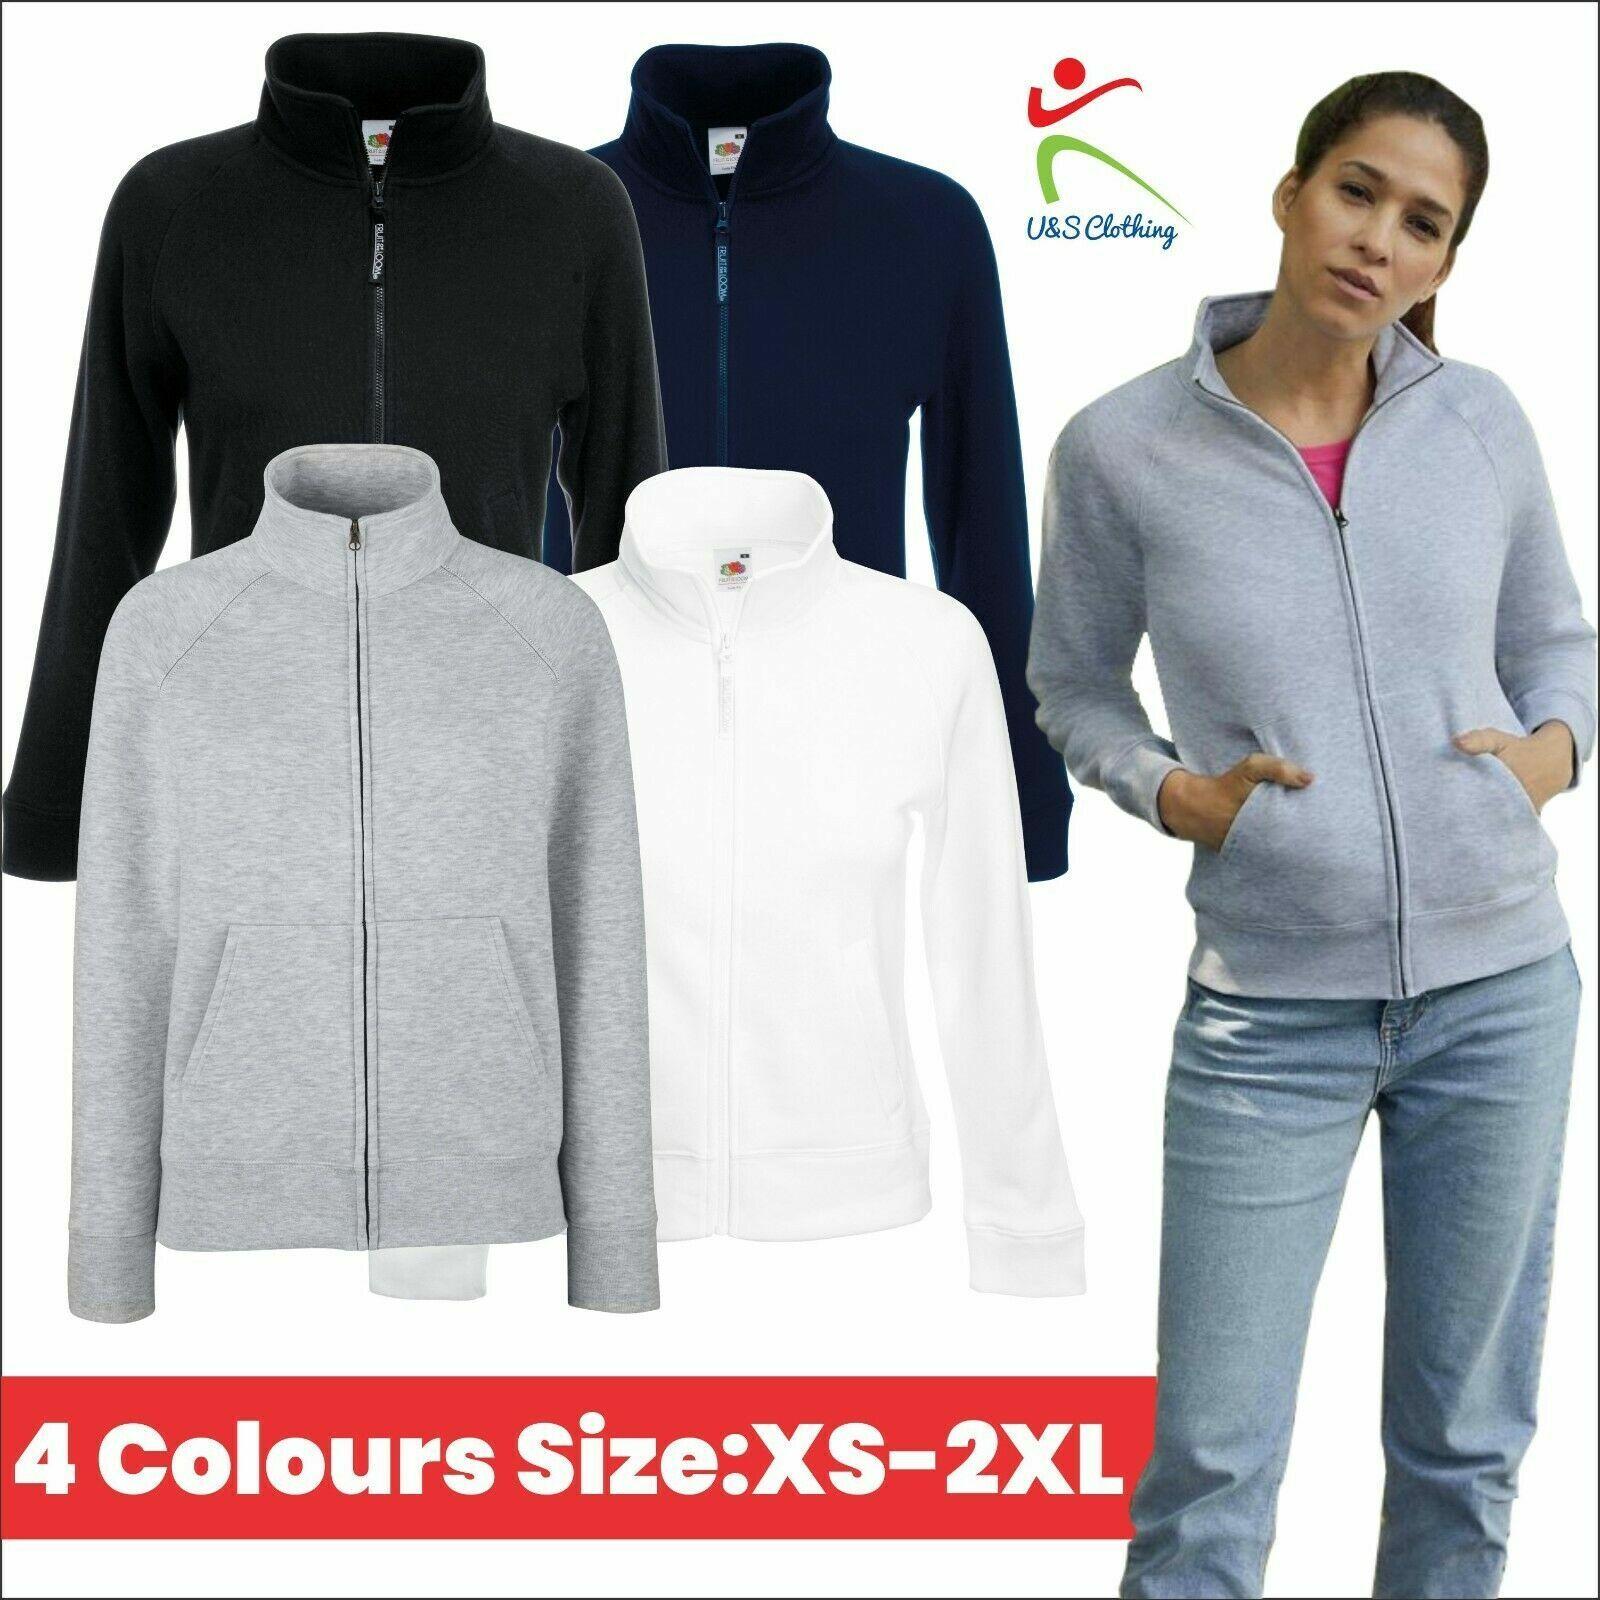 Fruit of the Loom SS310 Womens Premium Jacket Outdoor Casual Full Zip Sweatshirt